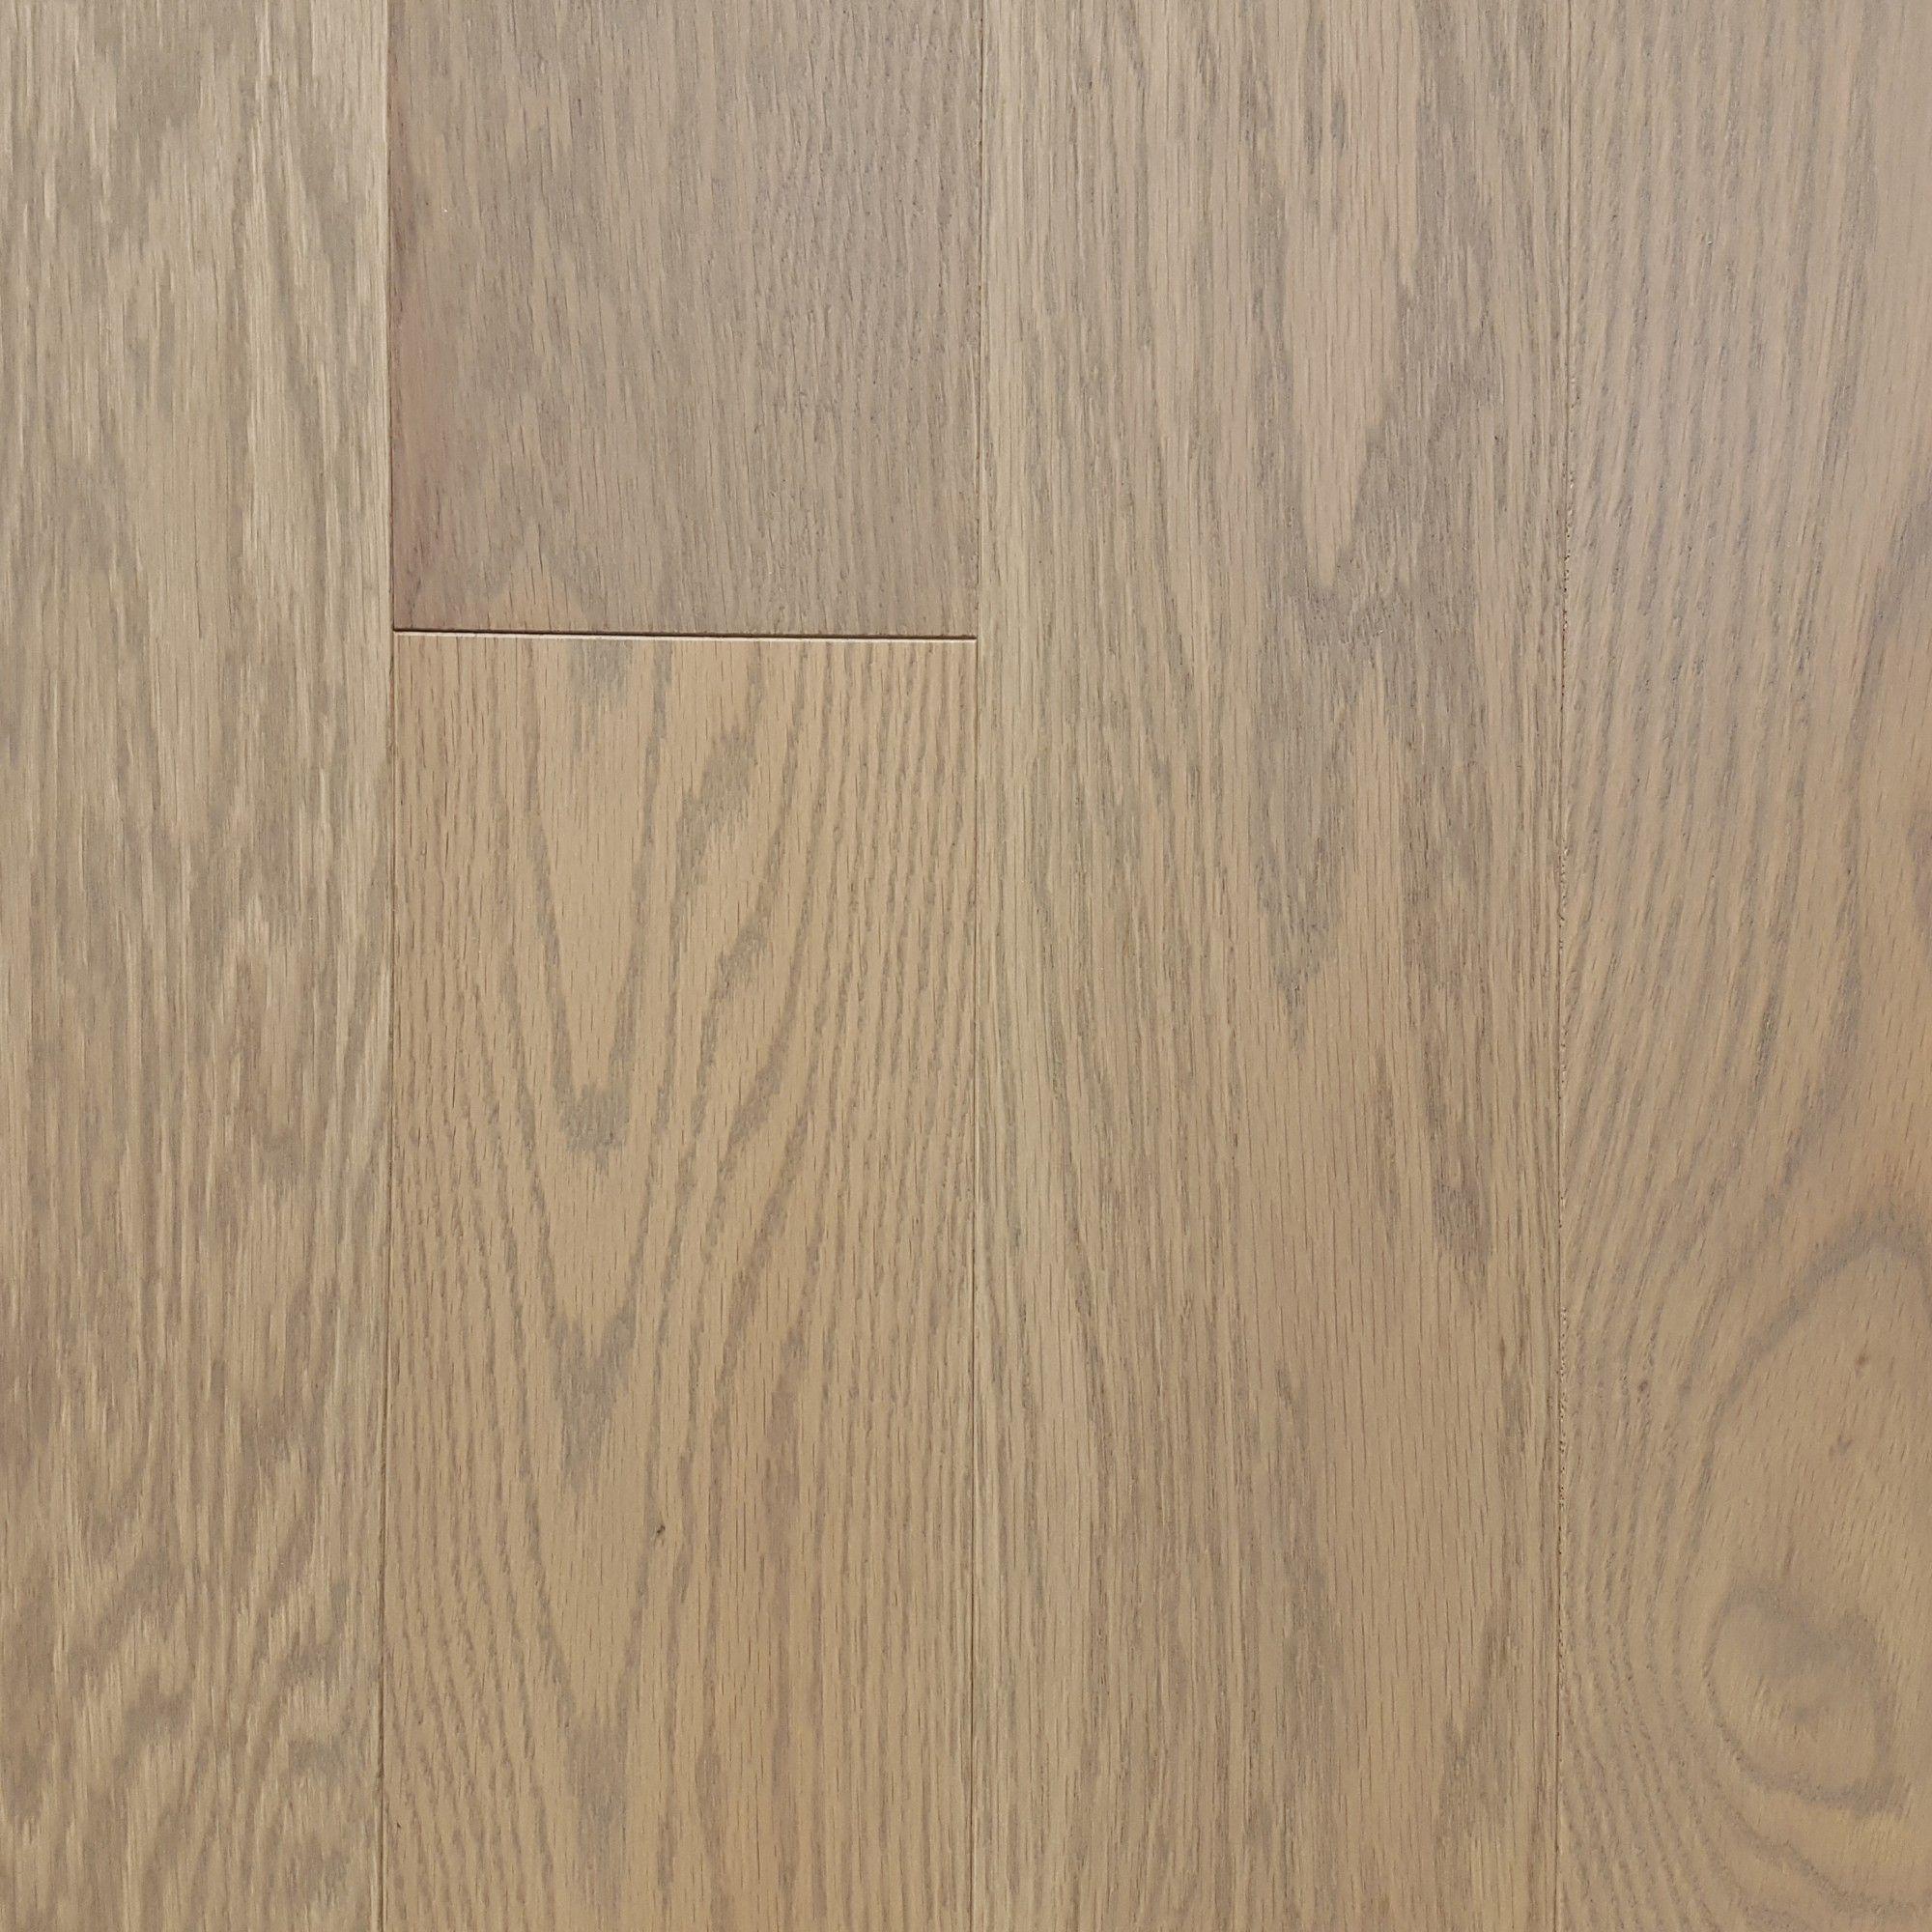 unfinished oak hardwood flooring of red oak baja vintage prefinished hardwood flooring low voc regarding red oak baja vintage prefinished hardwood flooring low voc take back